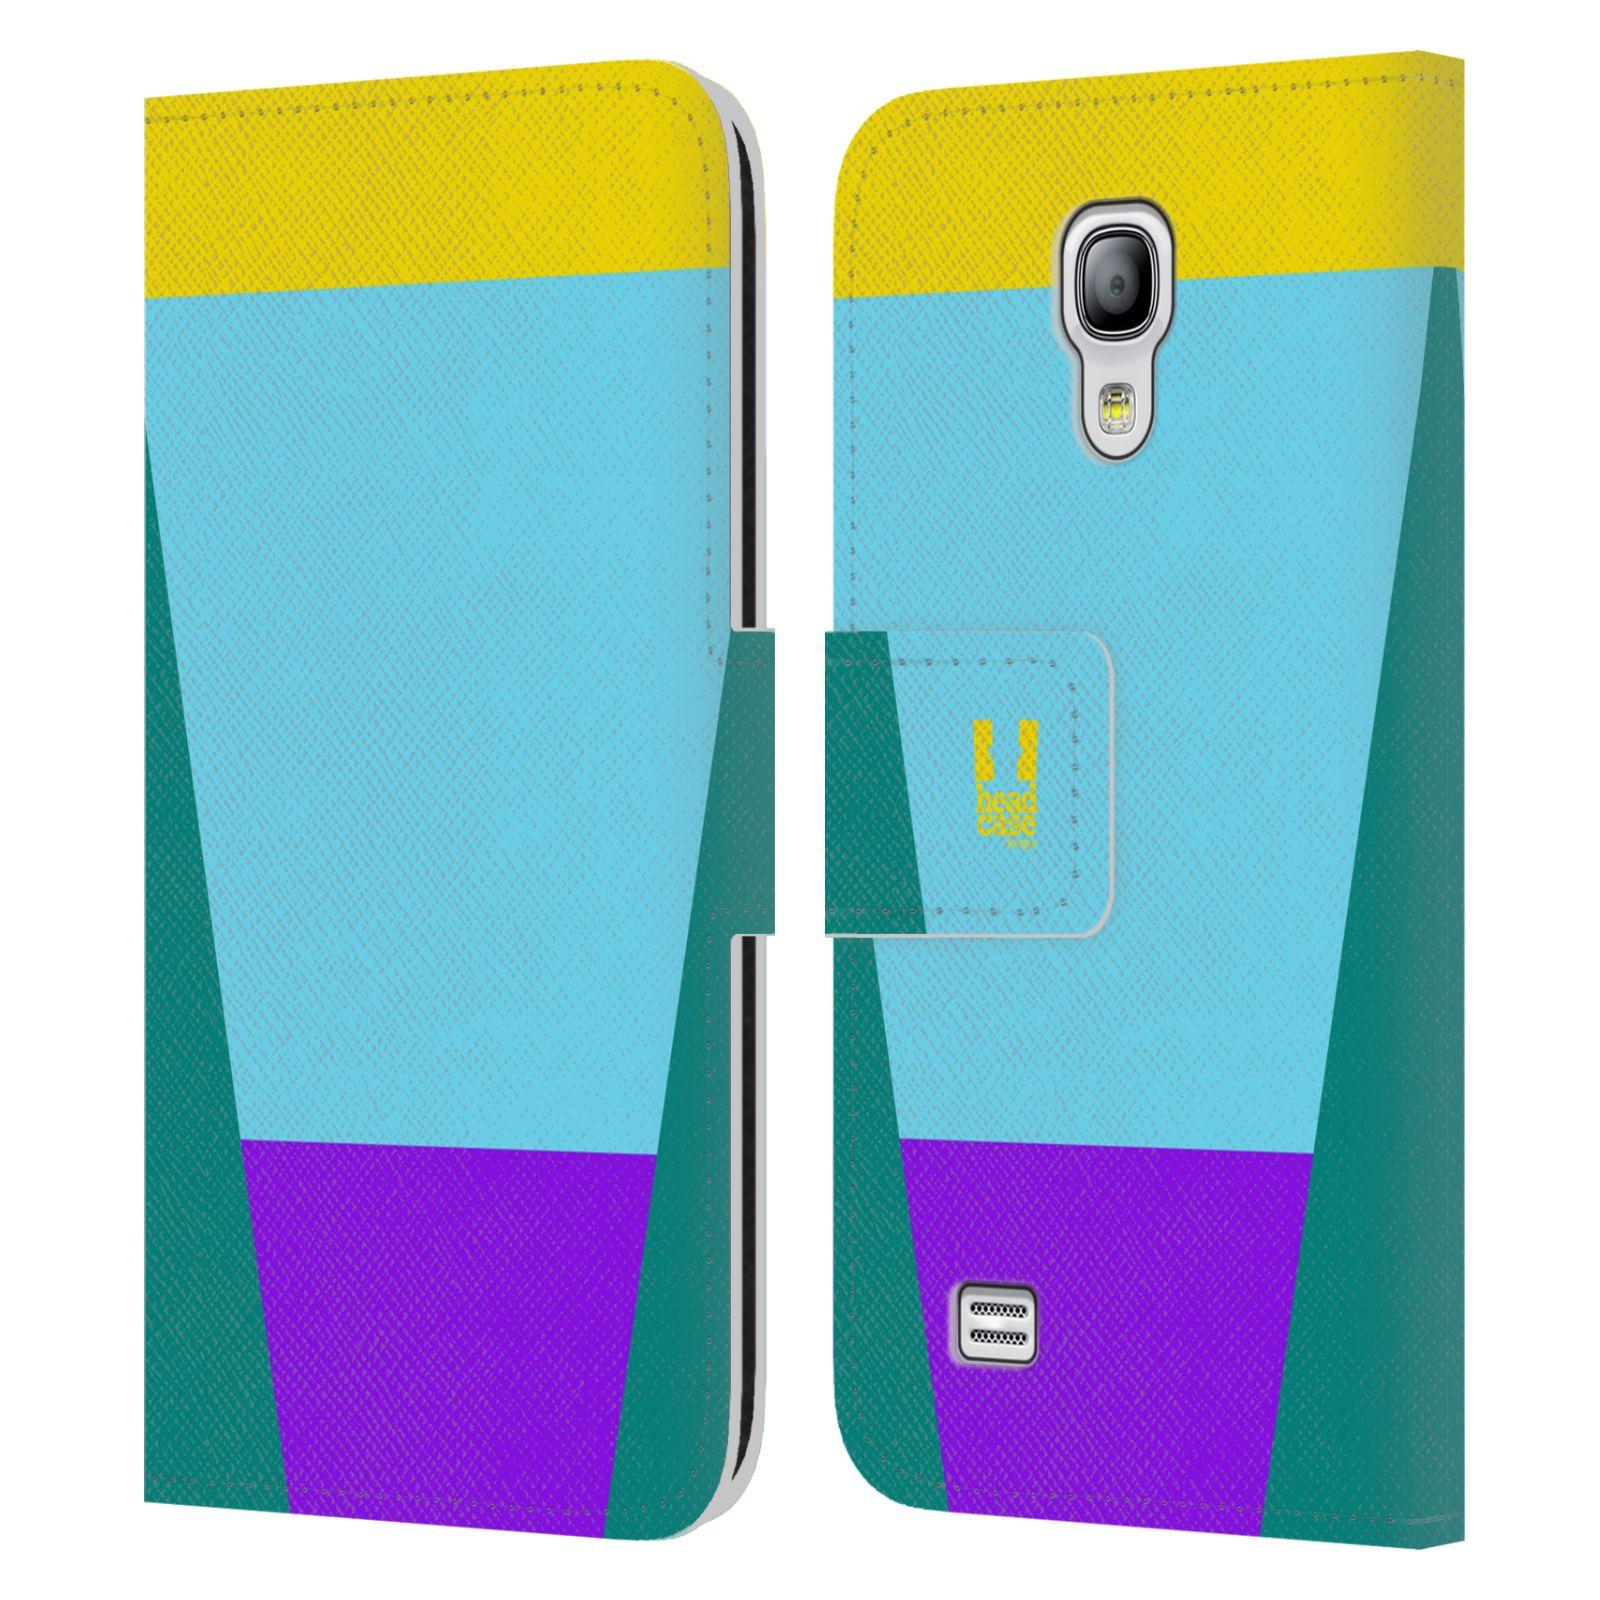 HEAD CASE Flipové pouzdro pro mobil Samsung Galaxy S4 MINI barevné tvary nebesky modrá